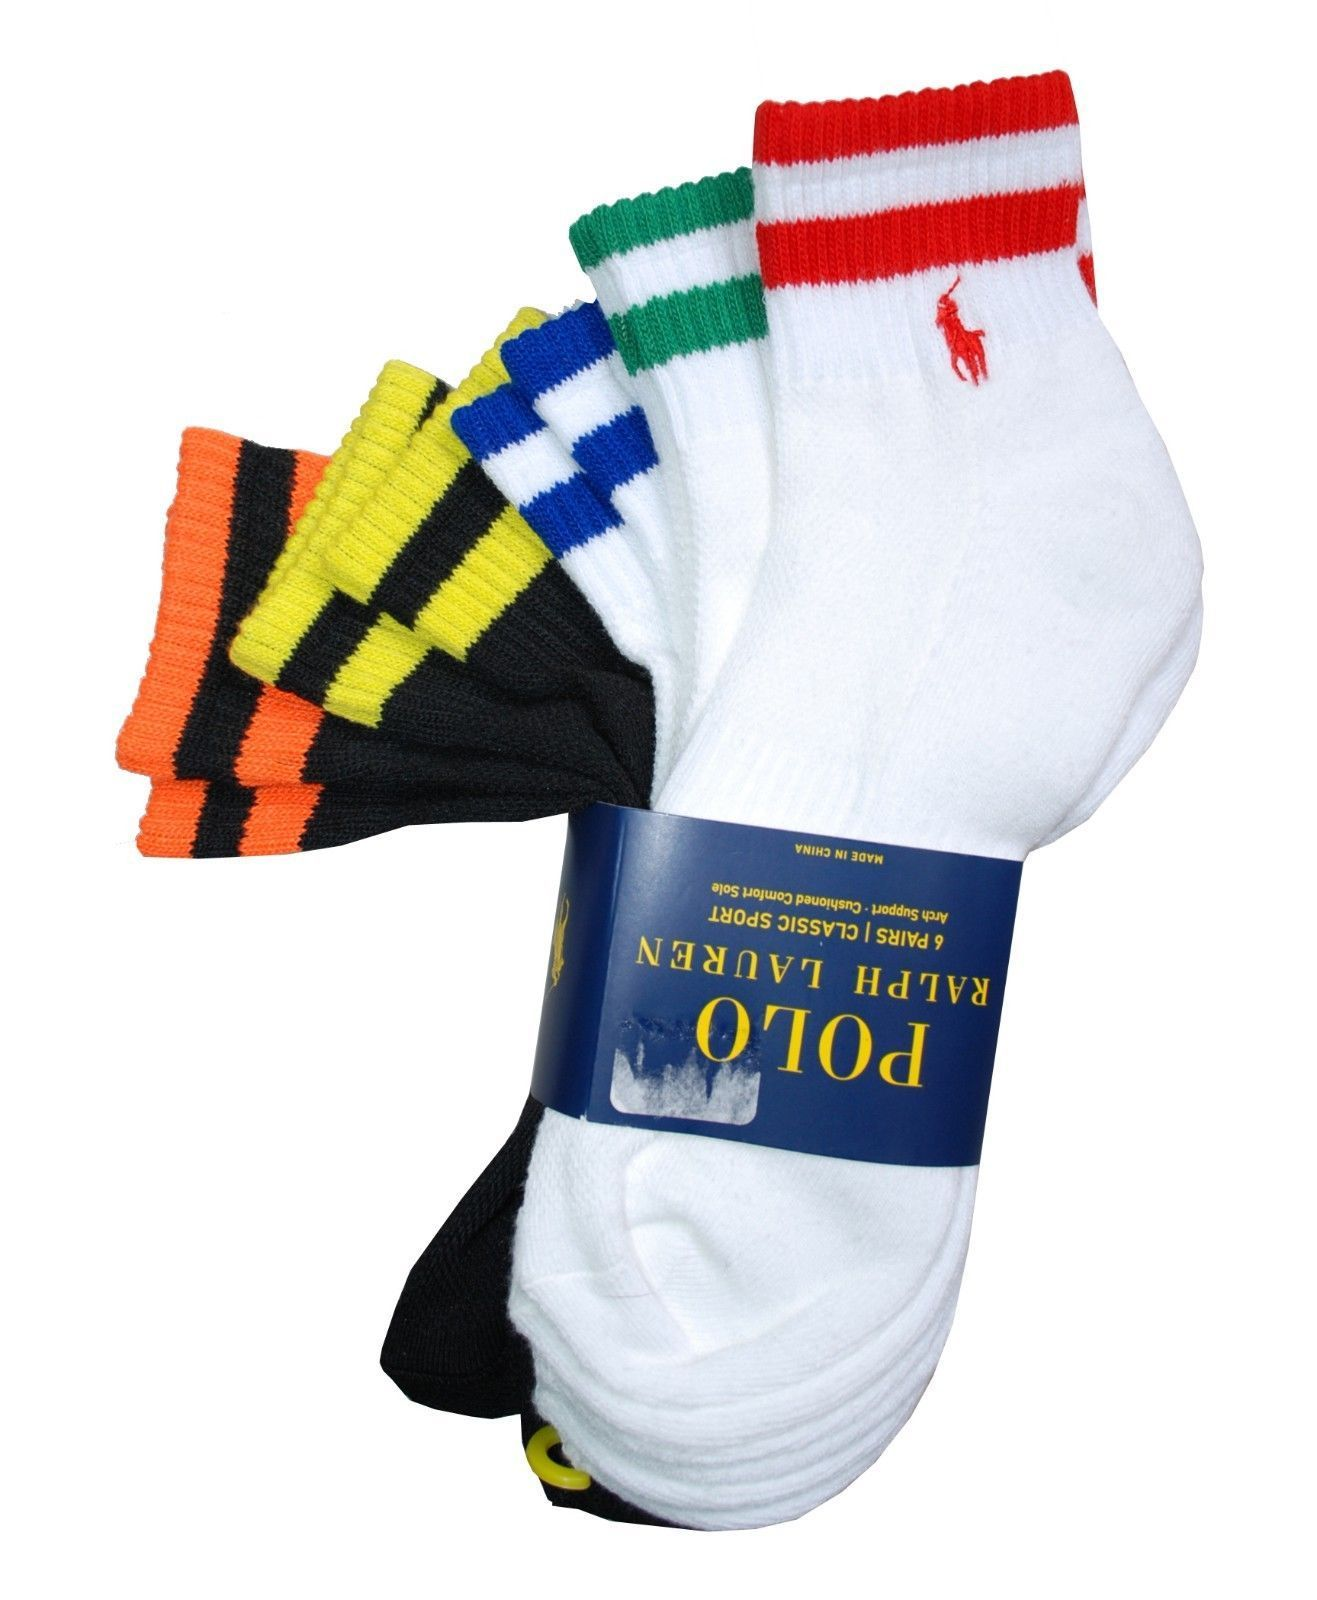 721379ba6b Polo Ralph Lauren Men's Black & White Quarter Socks 5 Pack in 2019 ...